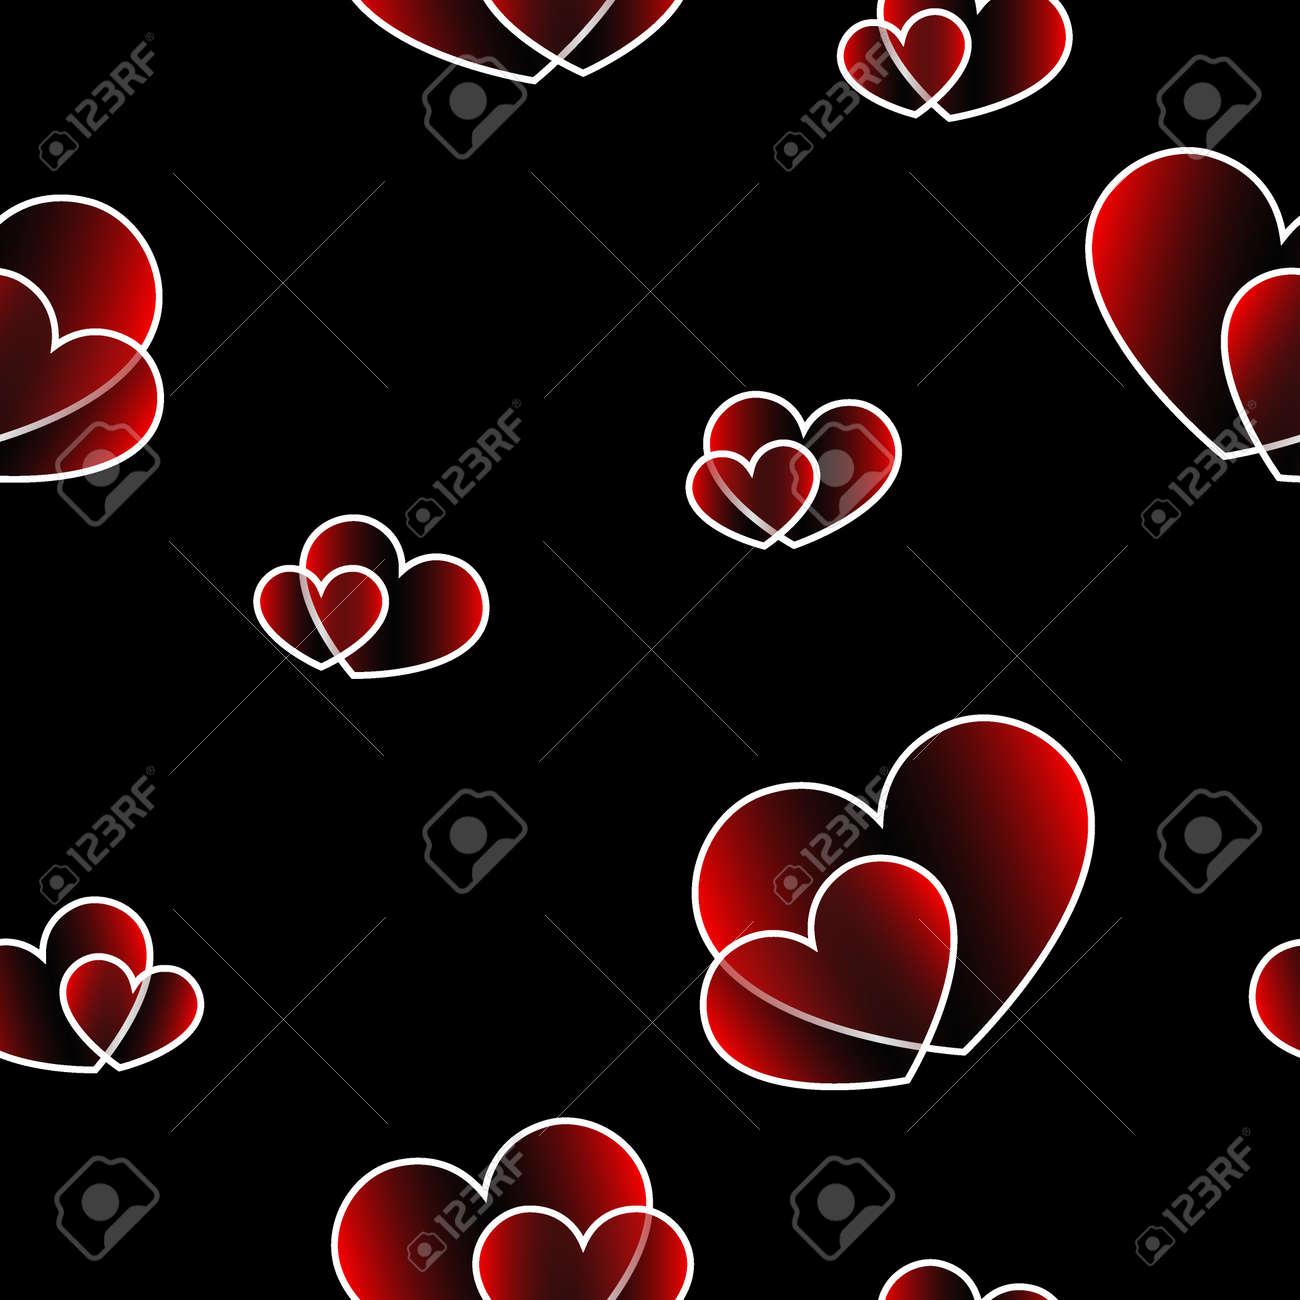 Corazones Grandes Y Pequeños Rojos Cute Patrón Transparente Sobre